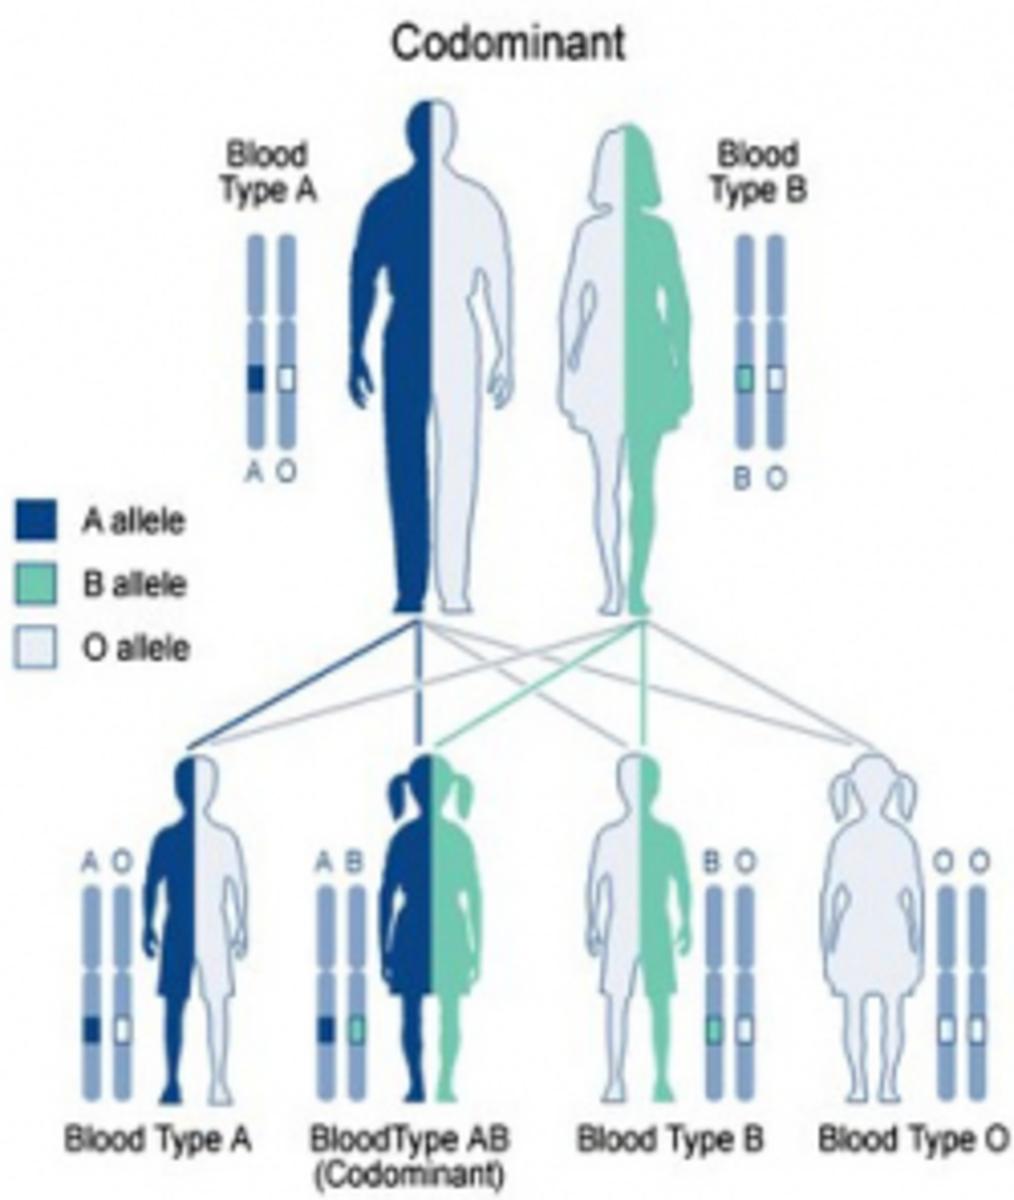 Codominant Inheritance Diagram